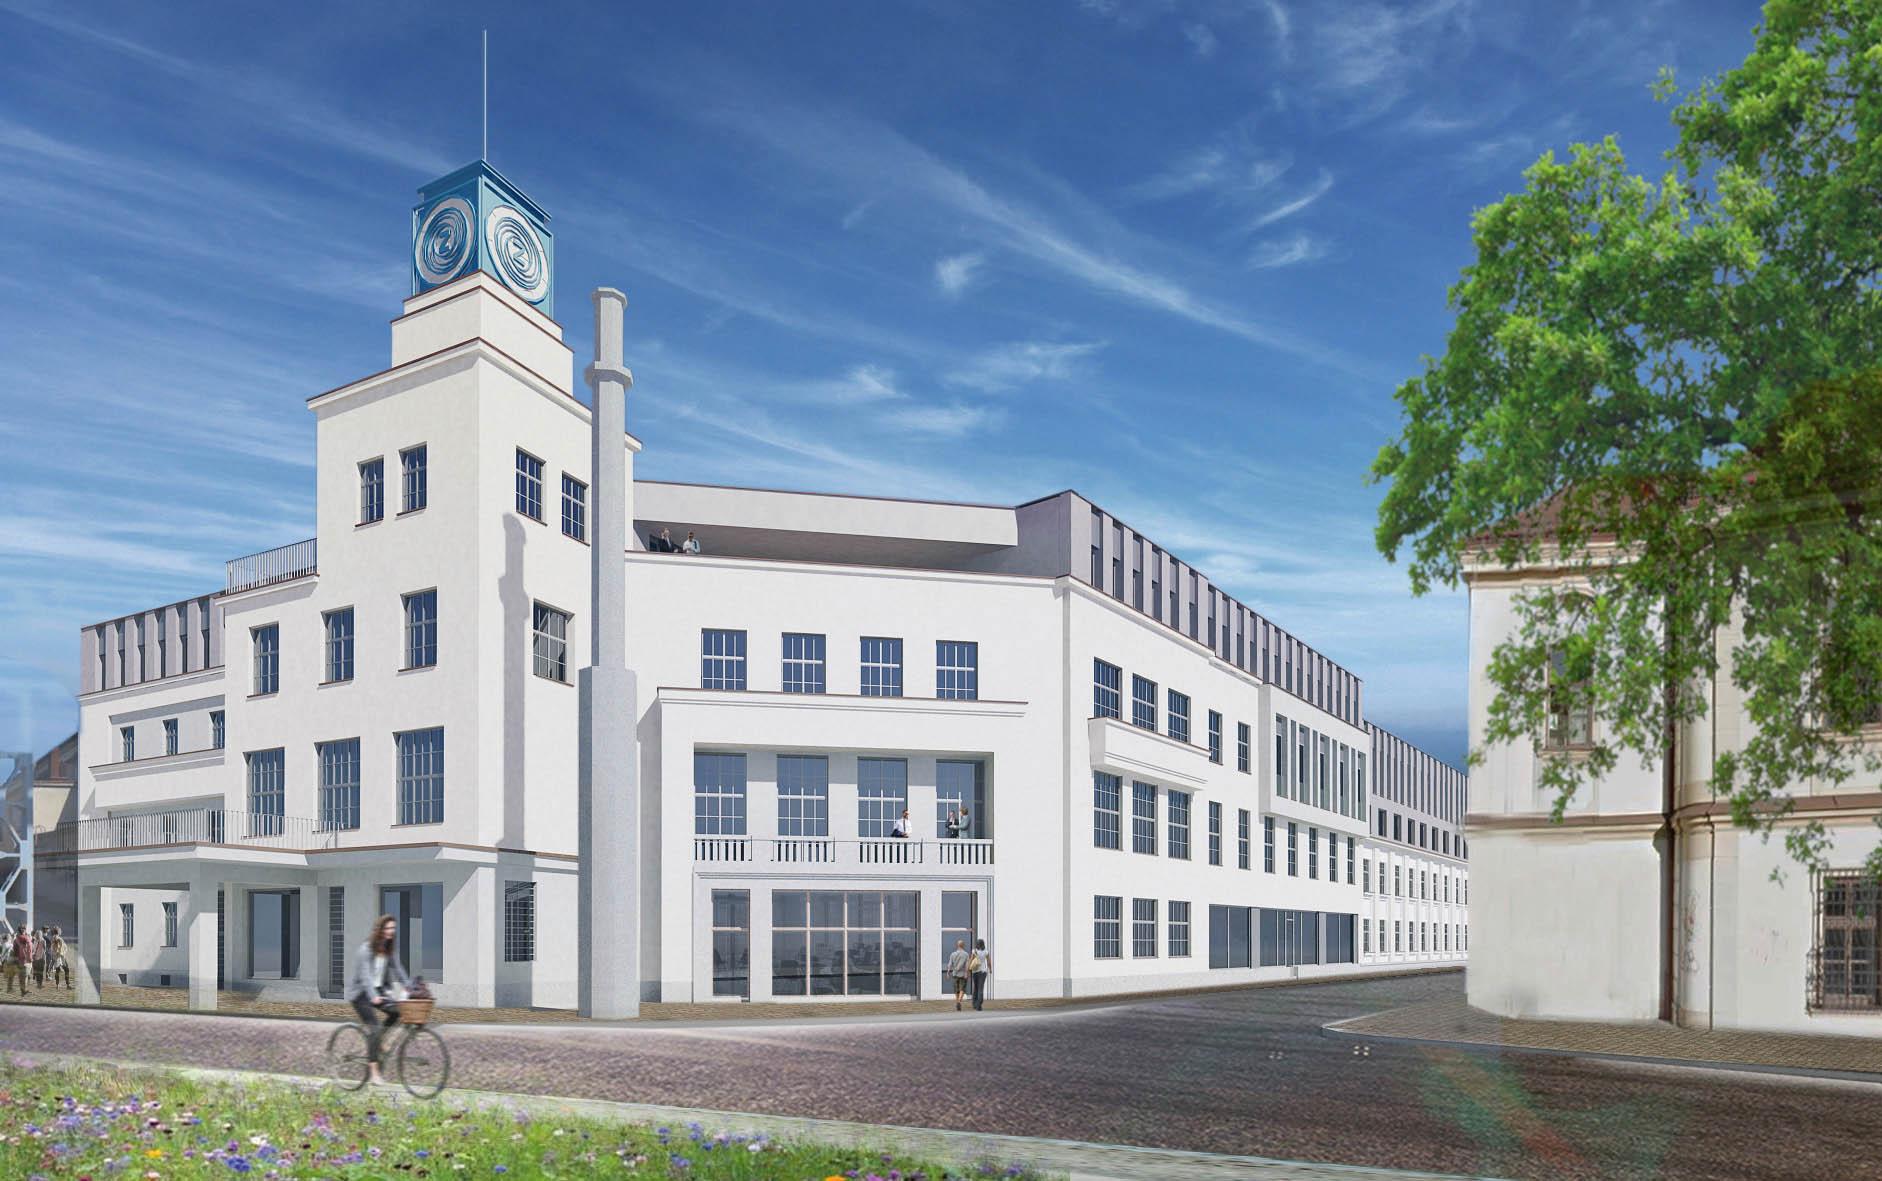 Společnost CPI Property Group představila roku 2016 projekt Nová Zbrojovka, zahrnující moderní administrativní budovy, obytné zóny iobchodní avolnočasové prostory.